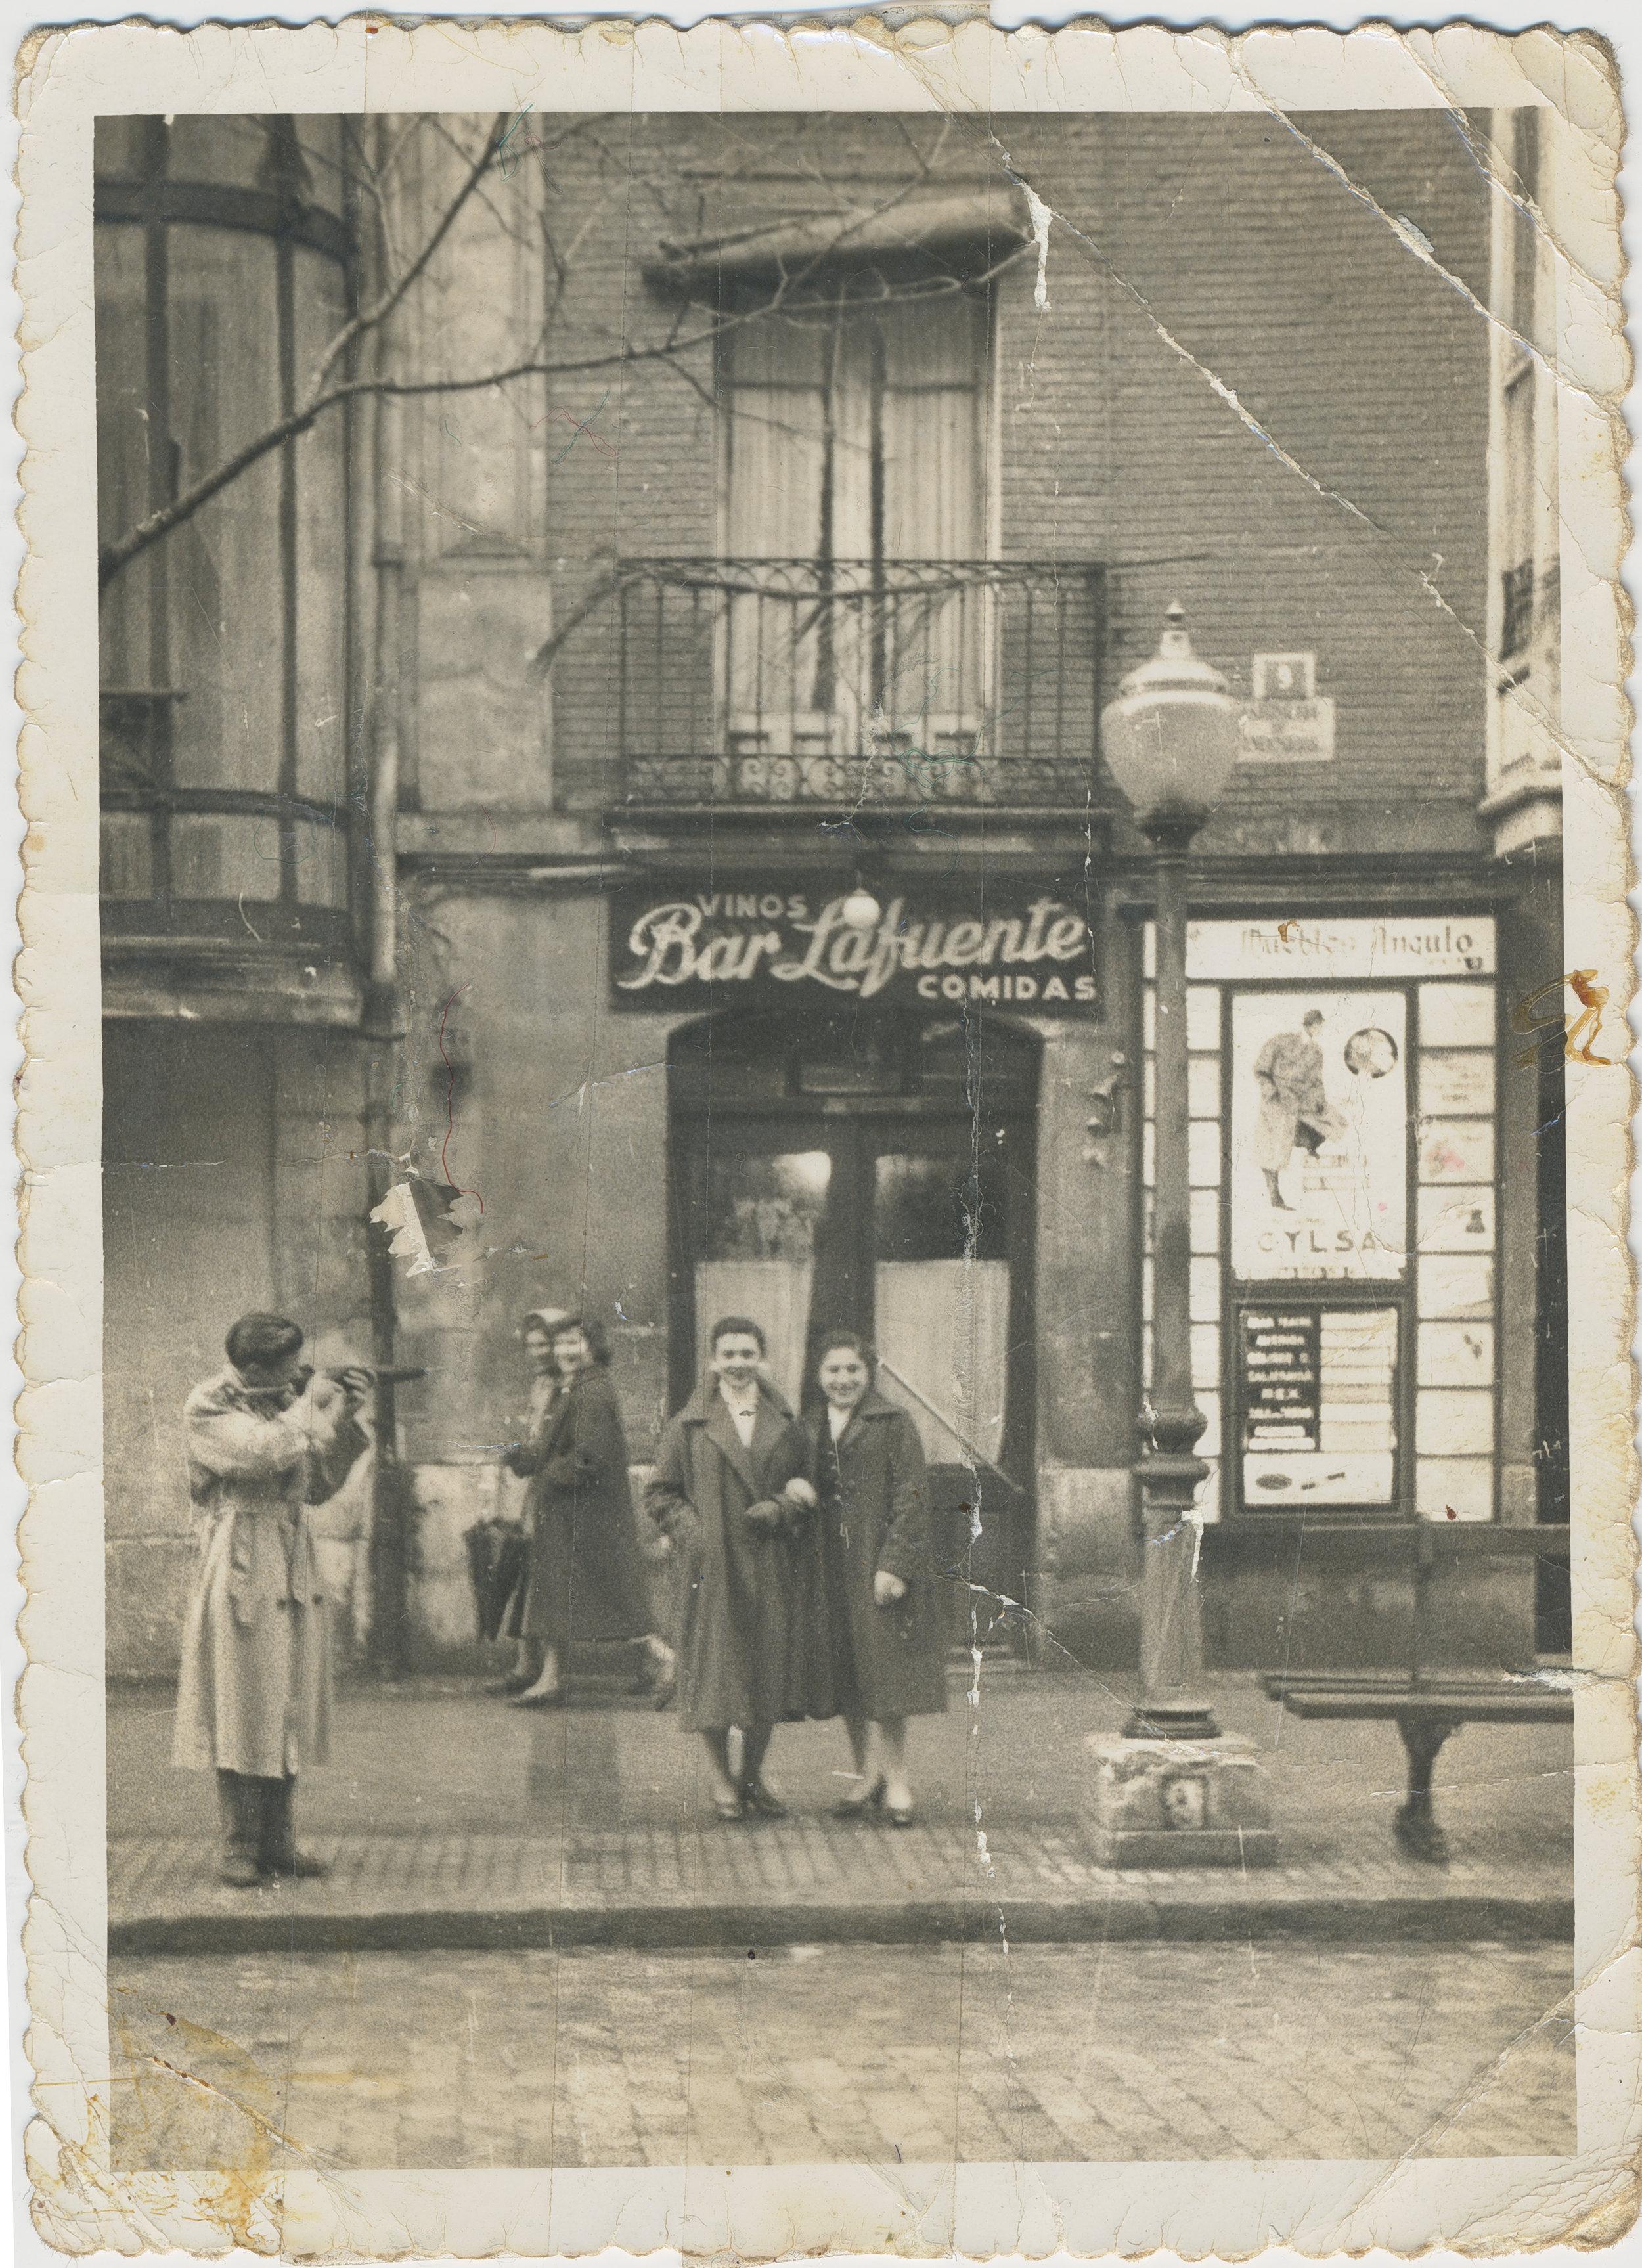 Bar La Fuente, local de vinos y comidas de Burgos. Estaba situado en los bajos comerciales que ahora pertenecen a un banco, justo al principio de la Calle Vitoria (1952). Fotografía: Ayto. de Burgos